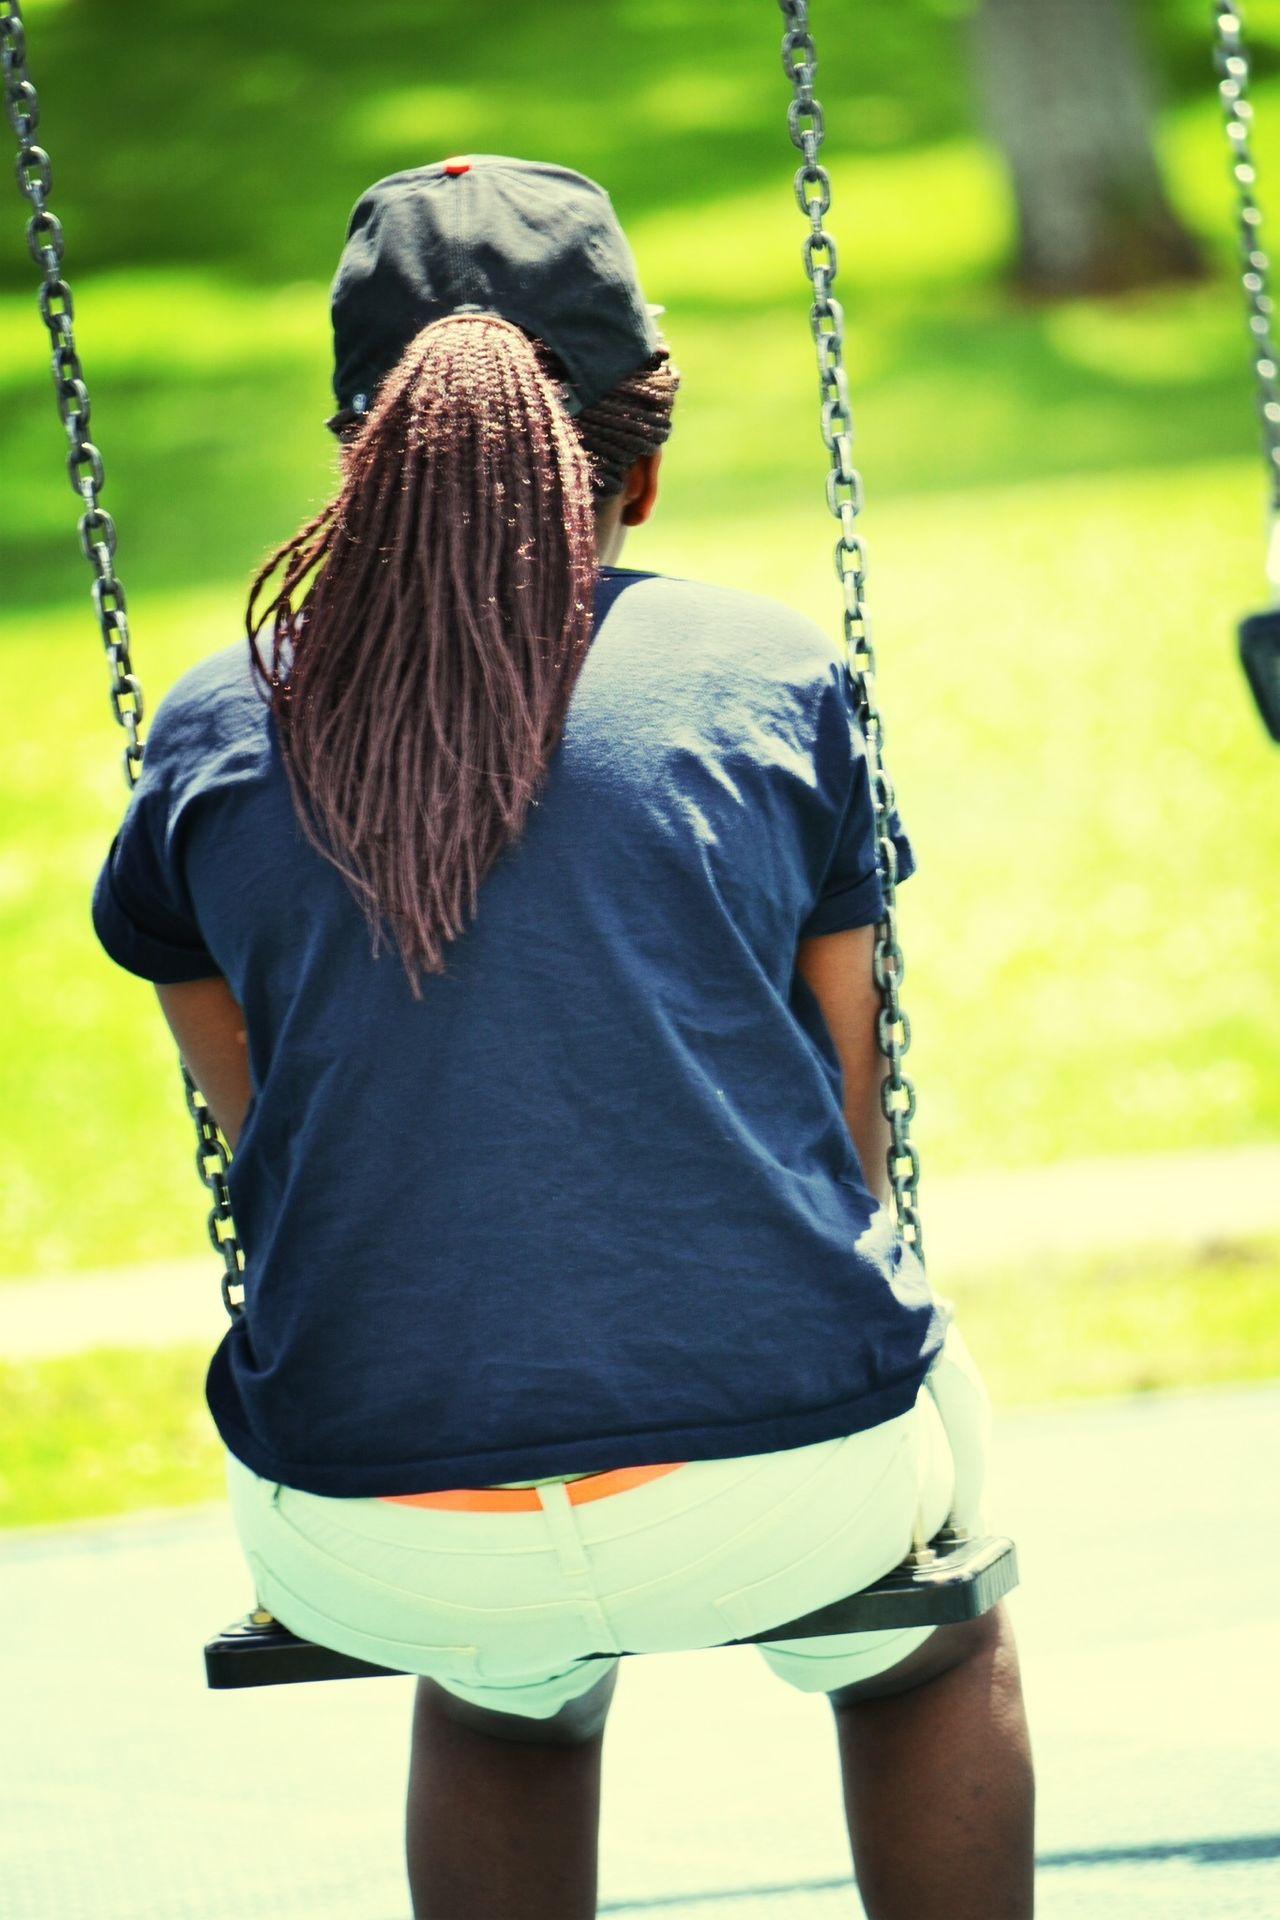 The Girl Park Swing